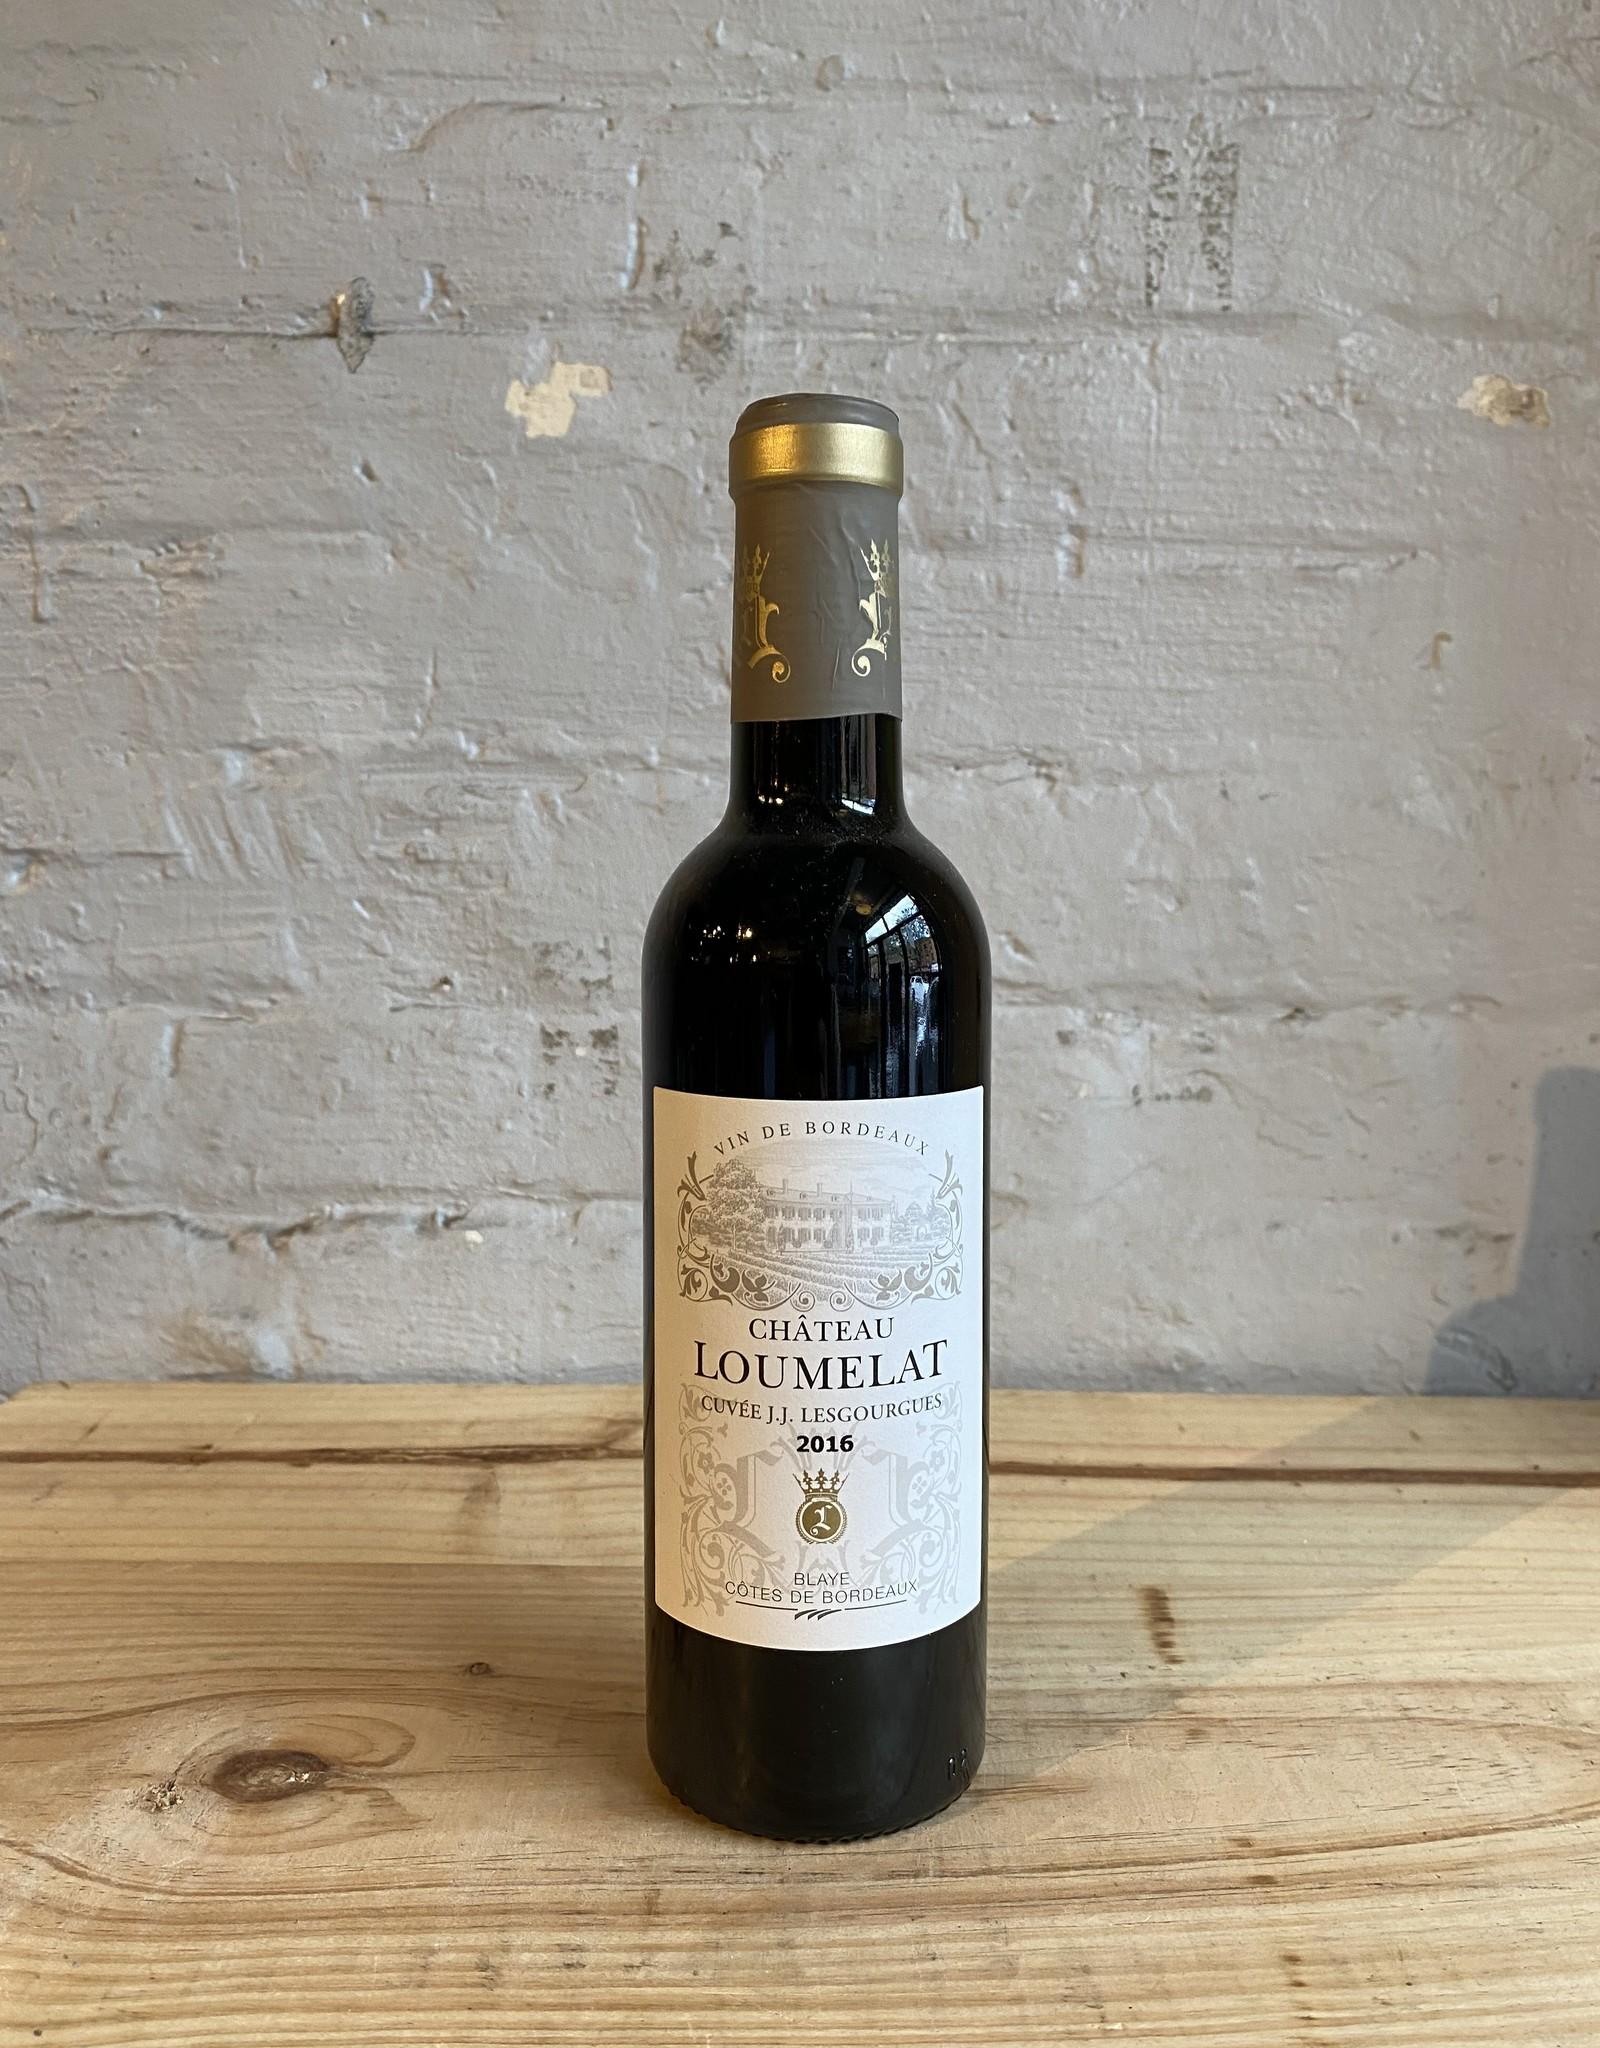 Wine 2016 Château Loumelat Cuvee J.J. Lesgourgues - Bordeaux, France (375ml)